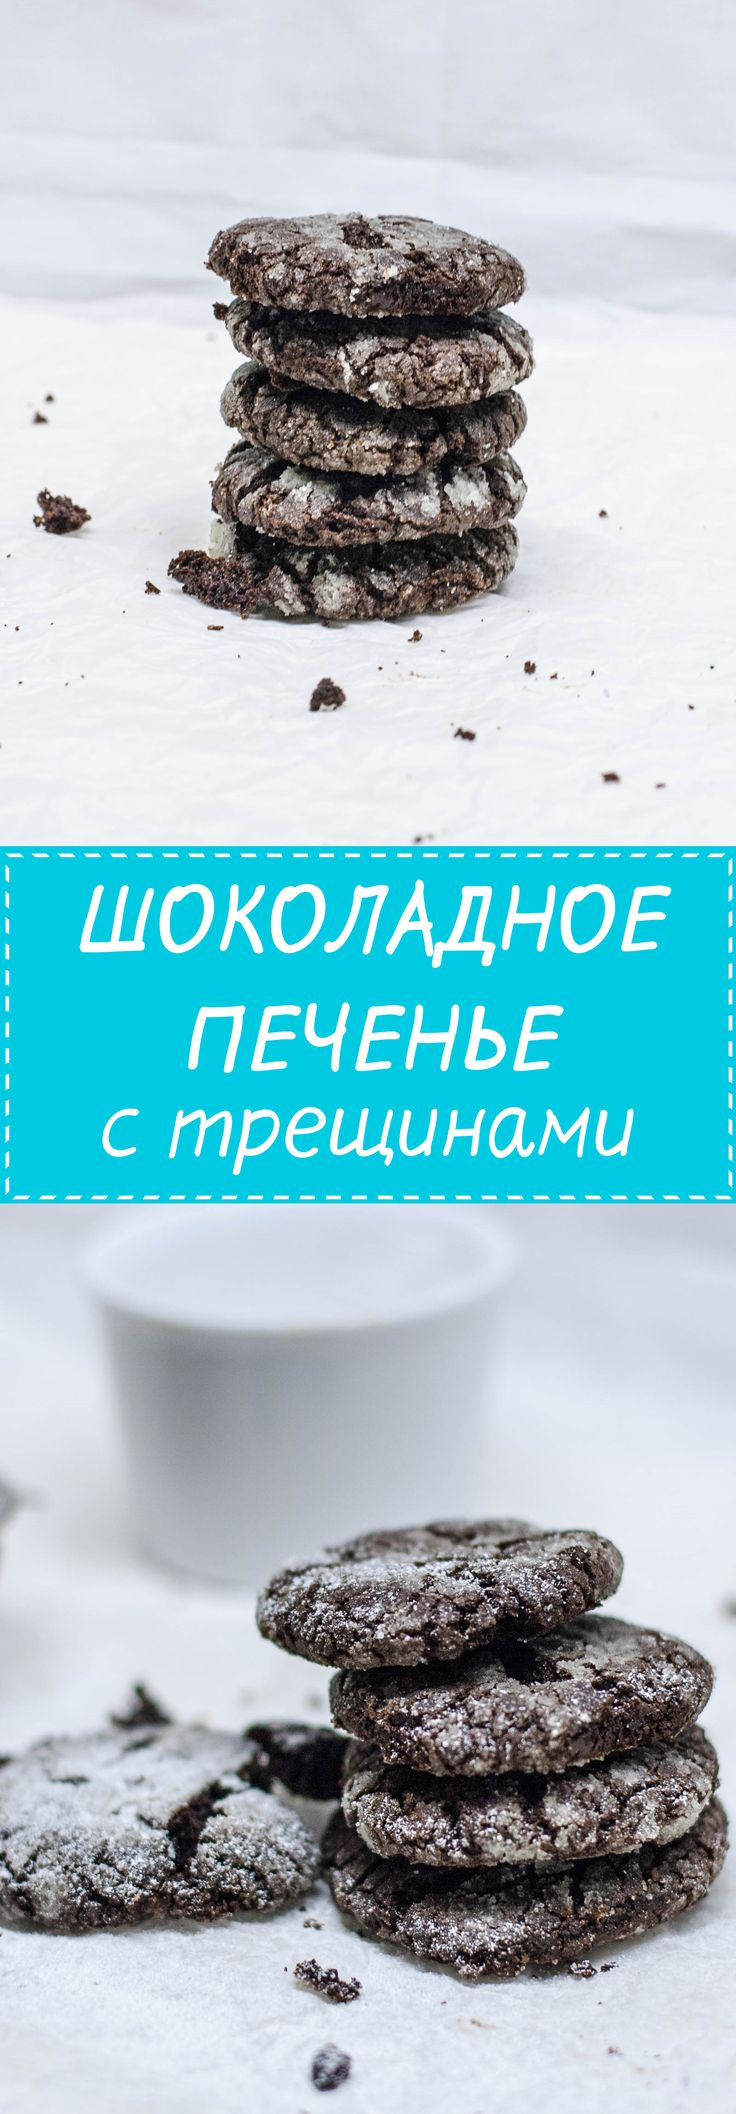 Вкусное шоколадное печенье с трещинами, покрытое сахарной пудрой. Идеально к чаю и молоку, понравится и детям и взрослым. Легкий вкусный рецепт